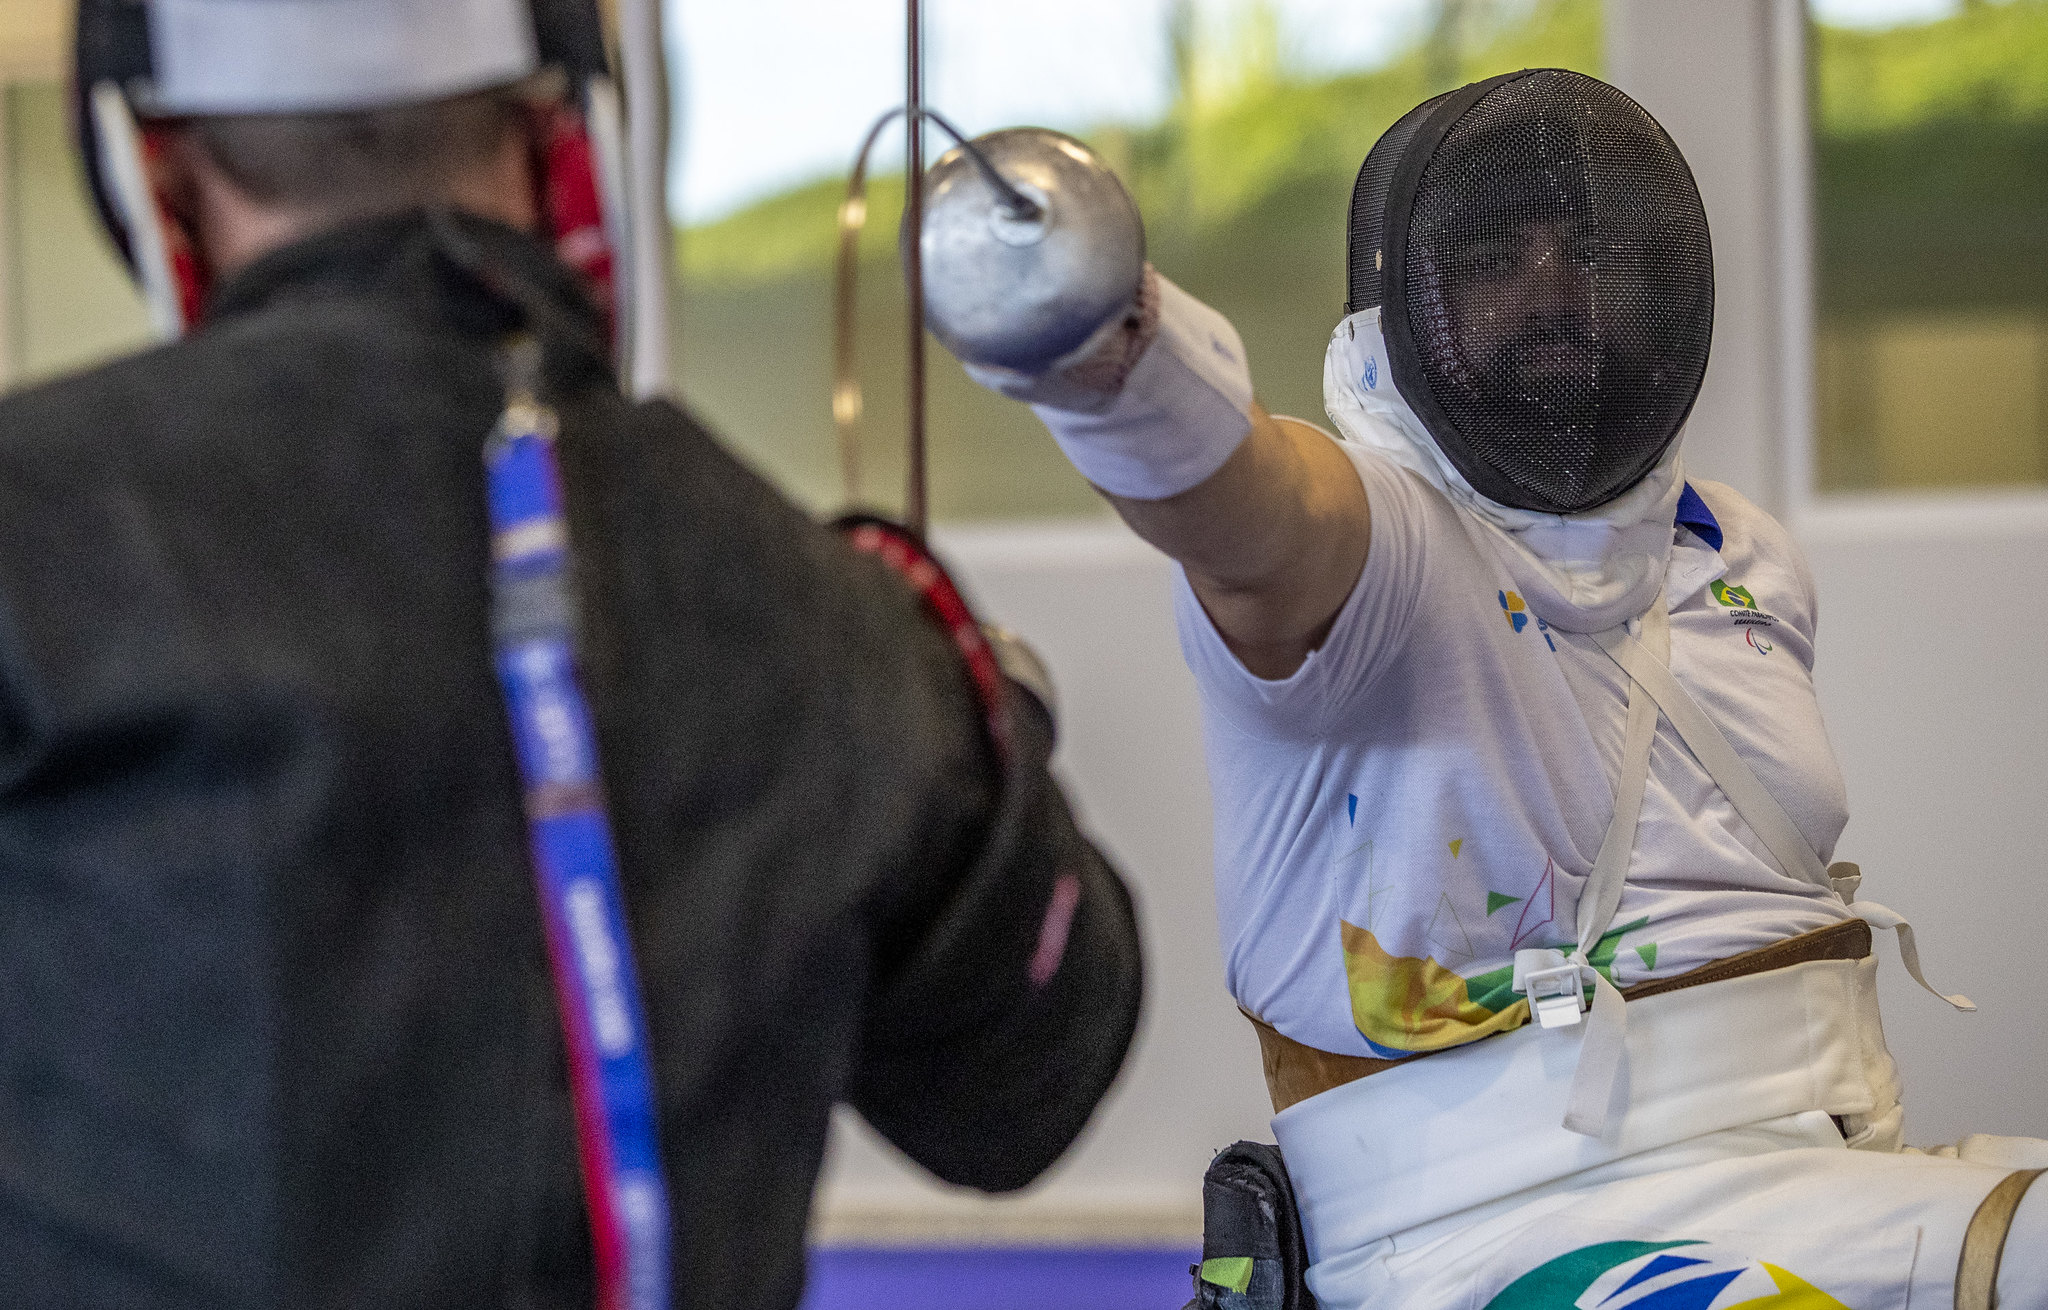 Noite de briga por medalha: Jovane Guissone estreia nos Jogos Paralímpicos e tenta repetir feito de 2012